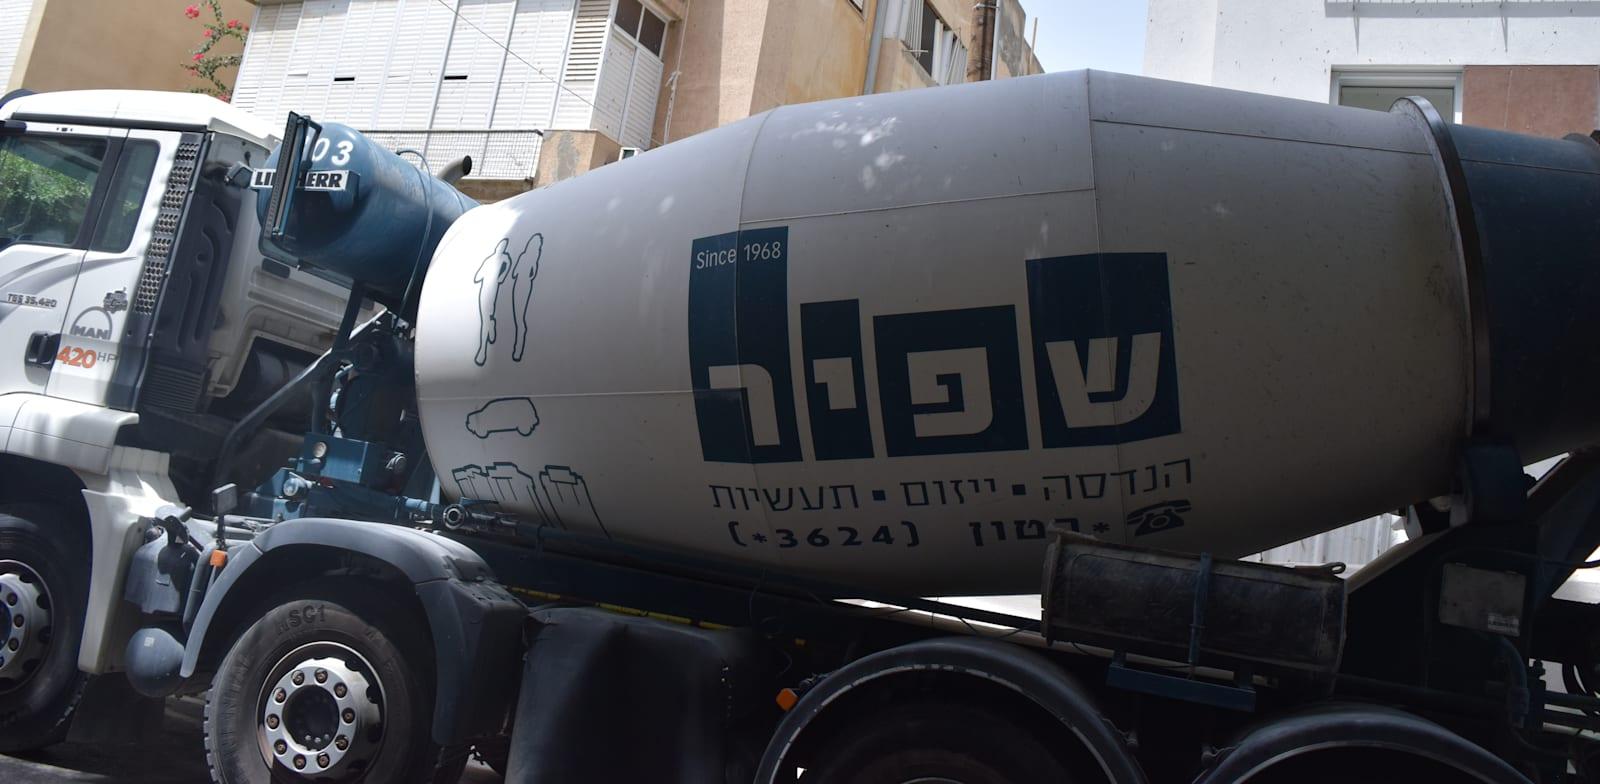 משאית מערבל בטון של שפיר הנדסה / צילום: בר - אל